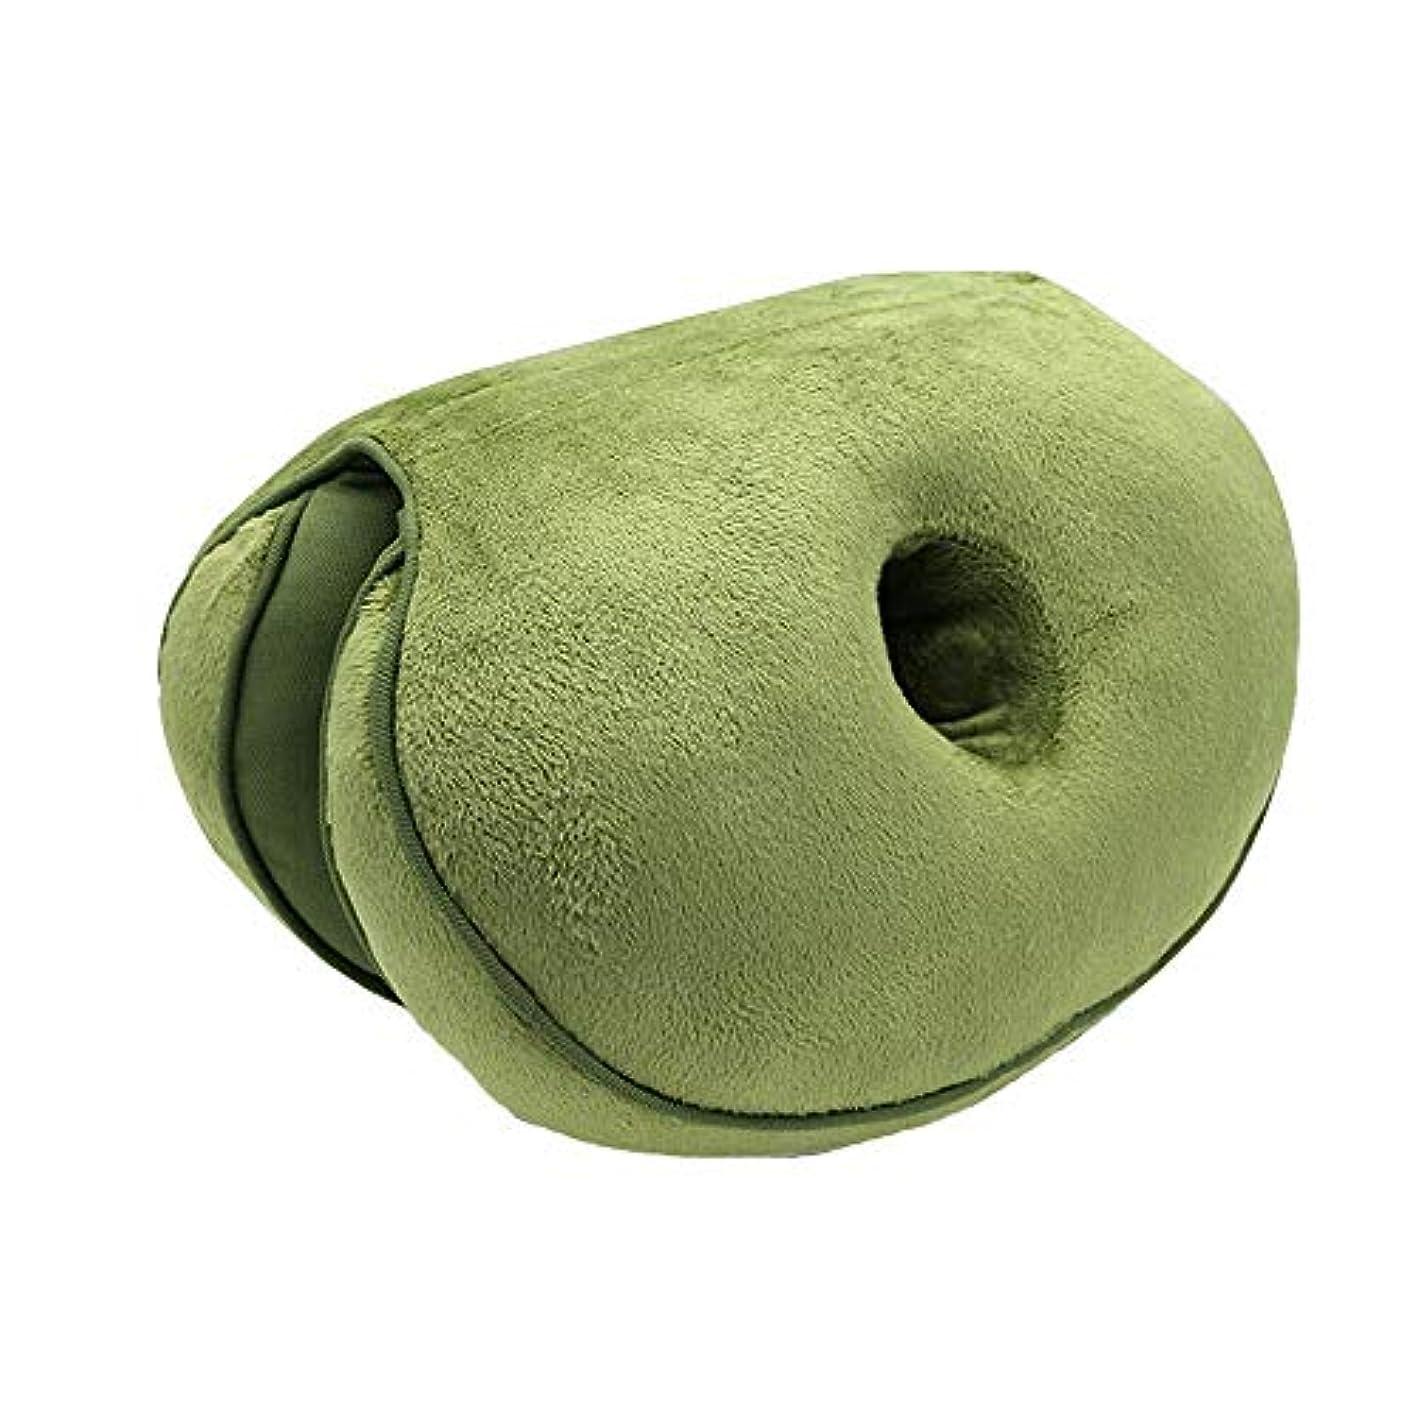 先入観教養があるなしでLIFE2019 新デュアルシートクッション低反発ラテックスオフィスチェアバックシートクッション快適な臀部マットパッド枕旅行枕女性女の子クッション 椅子